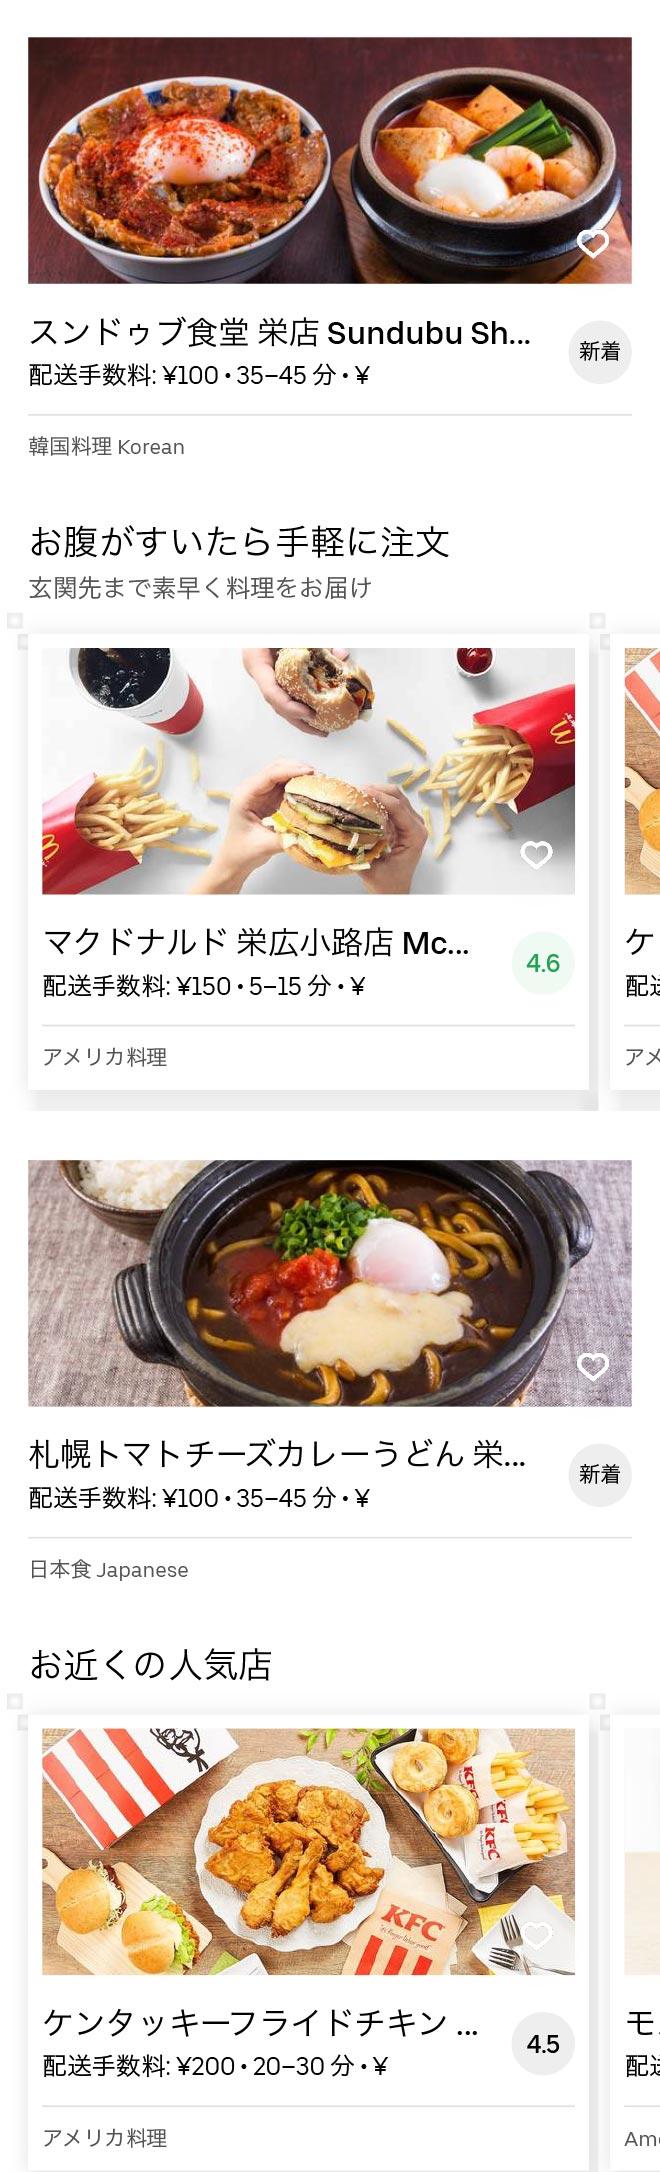 Nagoya sakae menu 2005 02